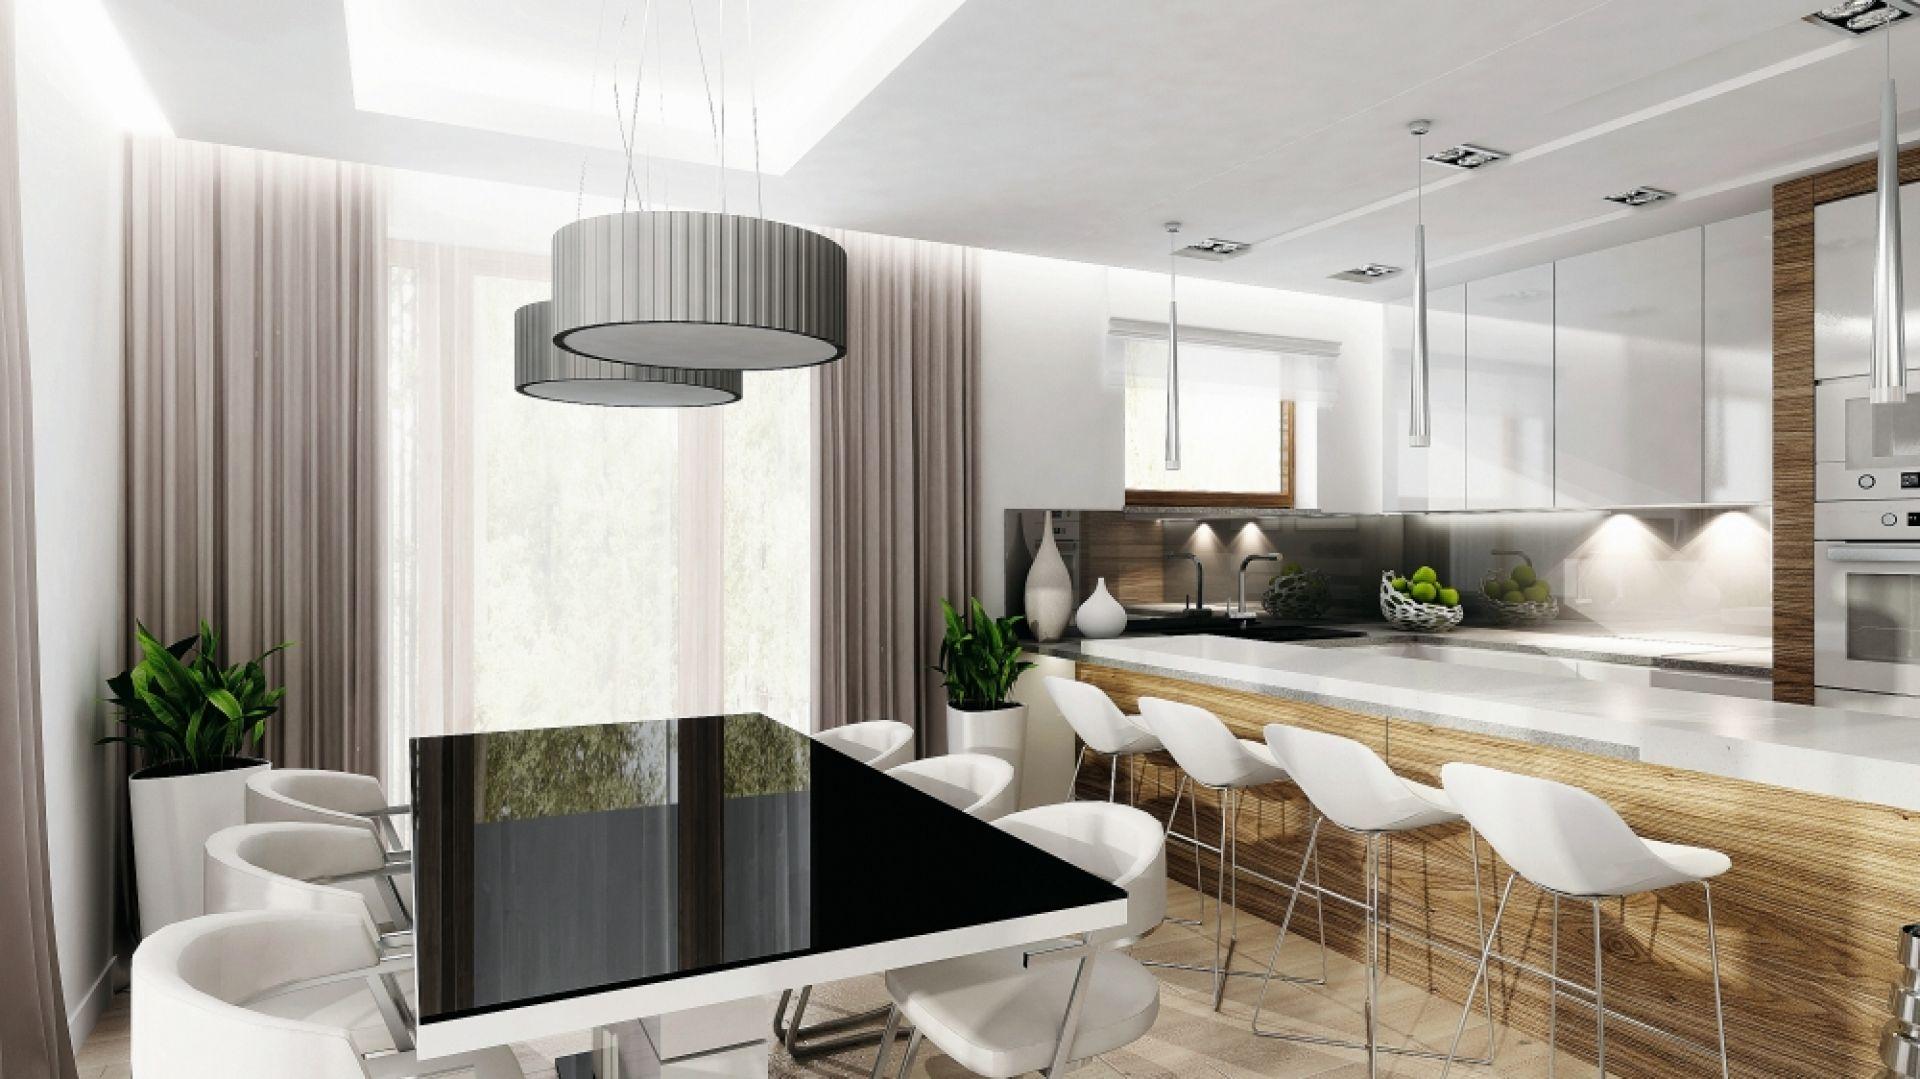 Jadalnię wypełnia światło, głównie dzięki dużym przeszkleniom. Białe ściany i meble jeszcze bardziej zwiększają efekt rozświetlenia tej części domu. Całość spinają gustowne meble: biały stół z czarnym blatem oraz dodatki: lampy i zasłony. Fot. MTM Styl